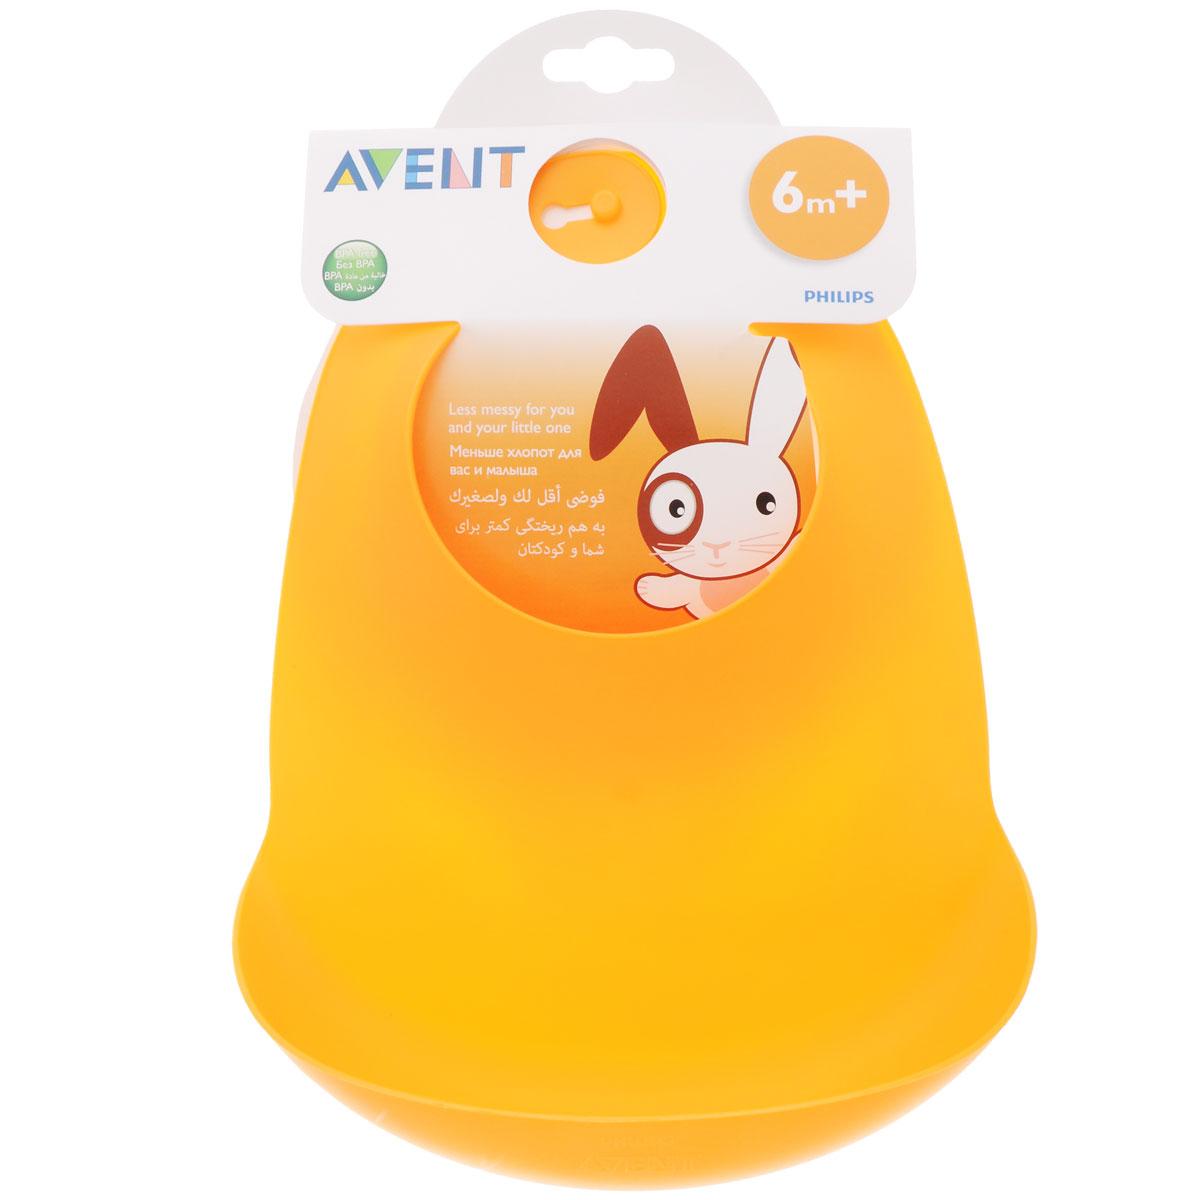 Philips Avent Нагрудник детский с карманом для крошек SCF736/00оранжевый